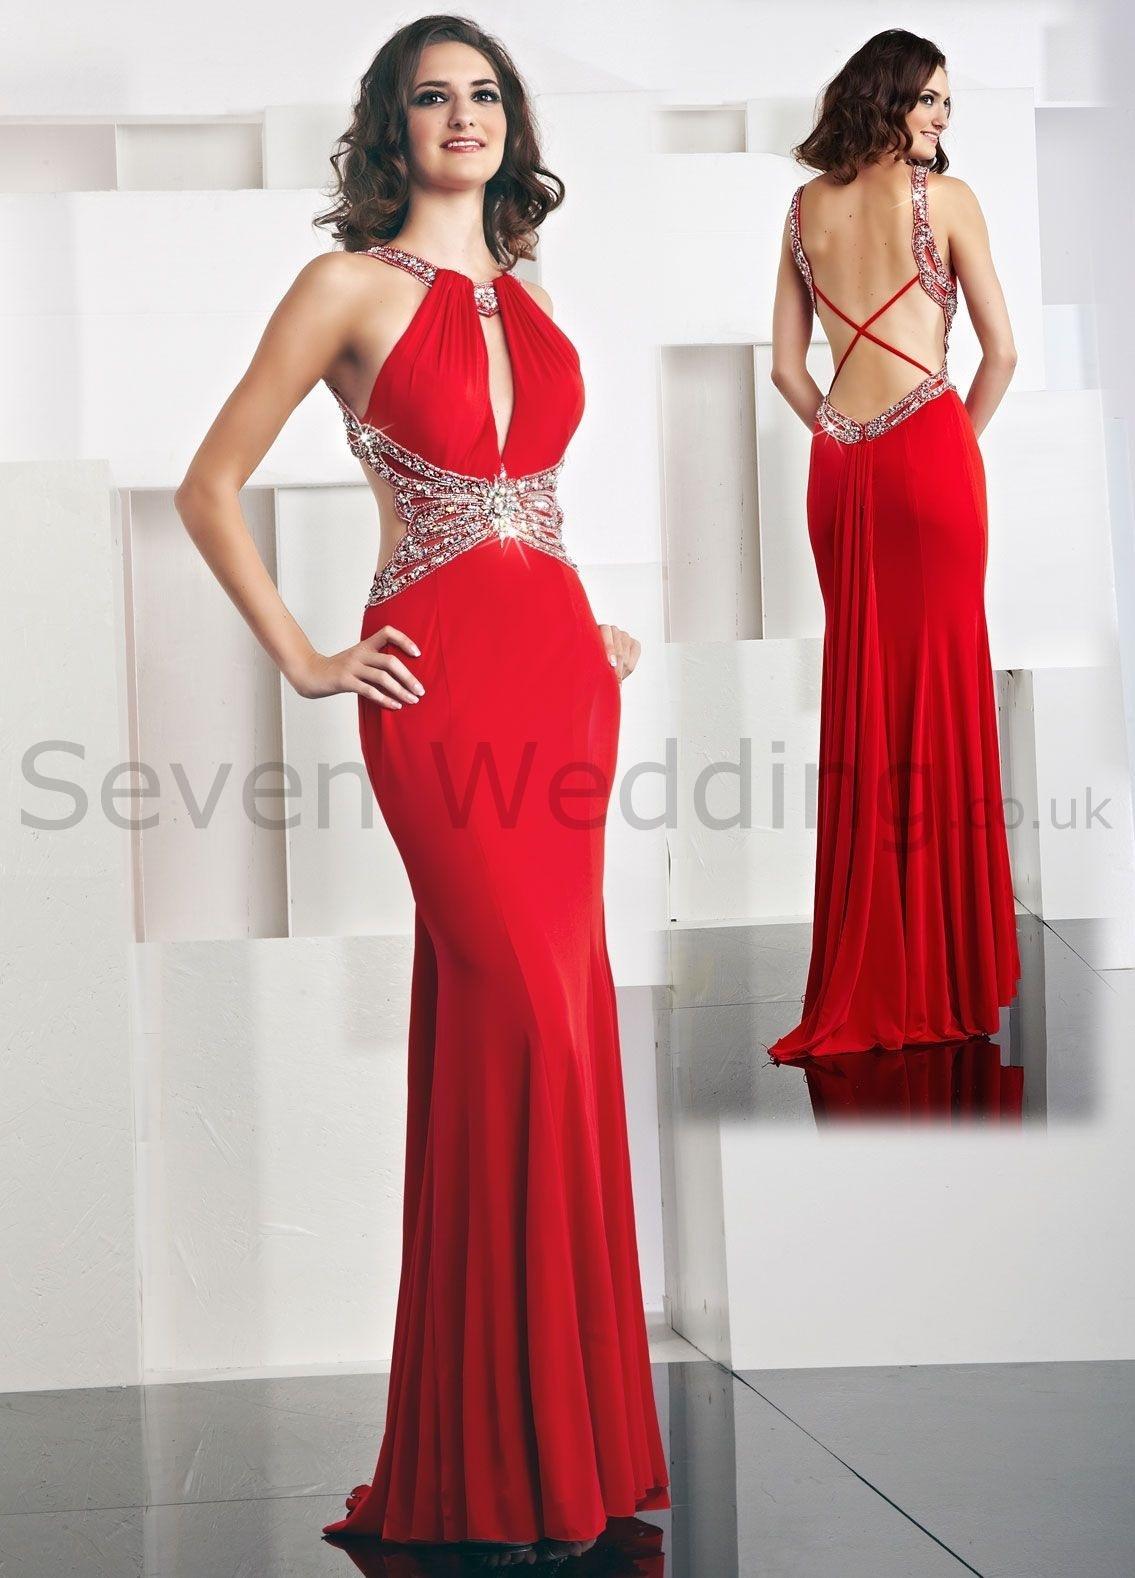 20 Einfach Abendkleider Lang Online Shop Galerie17 Leicht Abendkleider Lang Online Shop Stylish